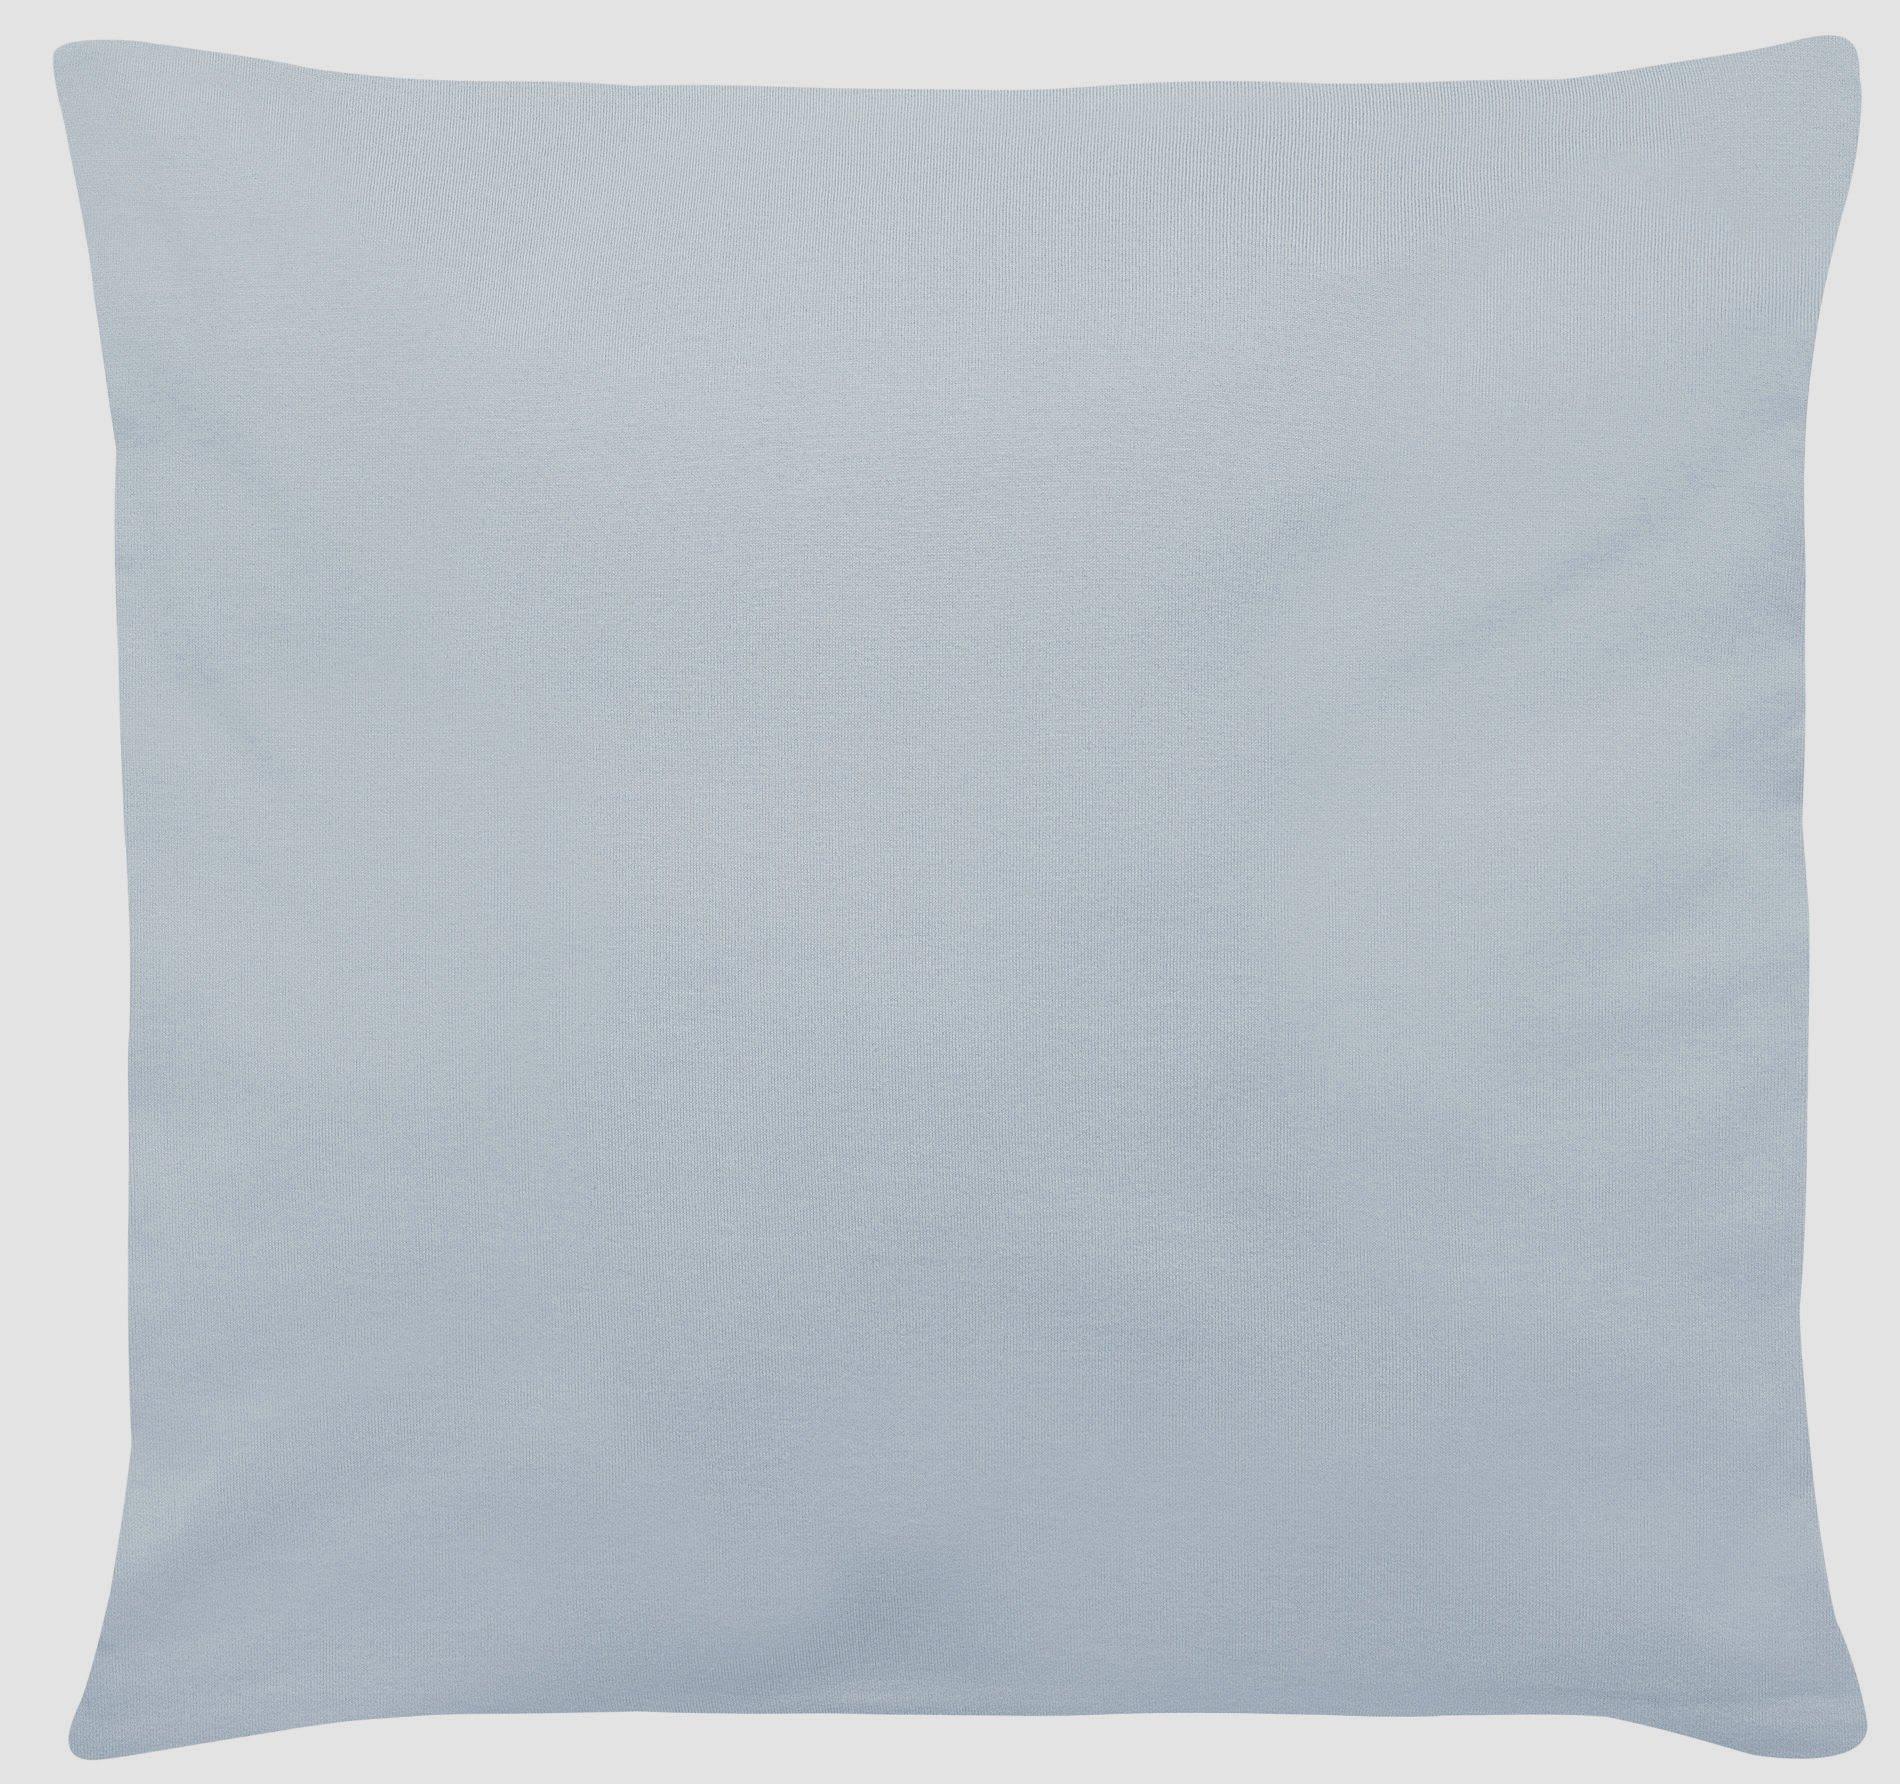 Edel-Zwirn-Jersey eisblau B40cm